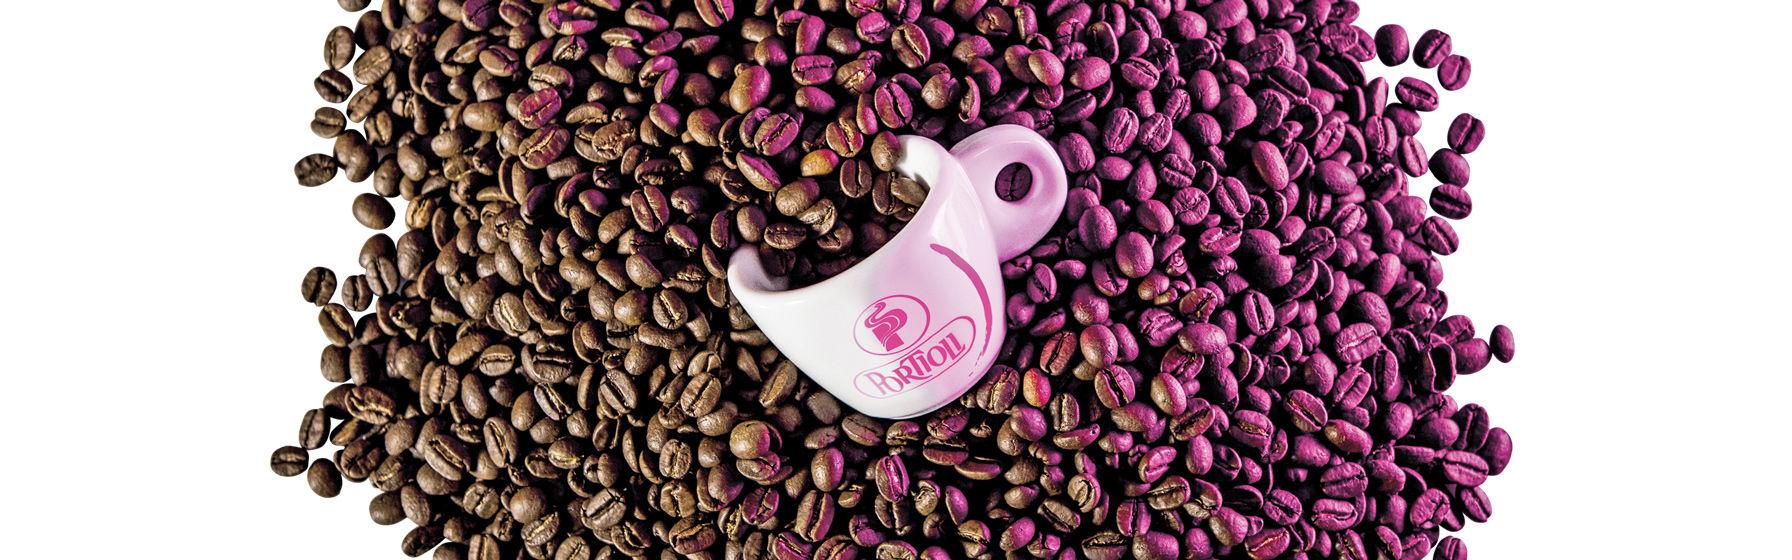 Πέτρινο καφέ (1) Κέρκυρα | corfugreece.gr